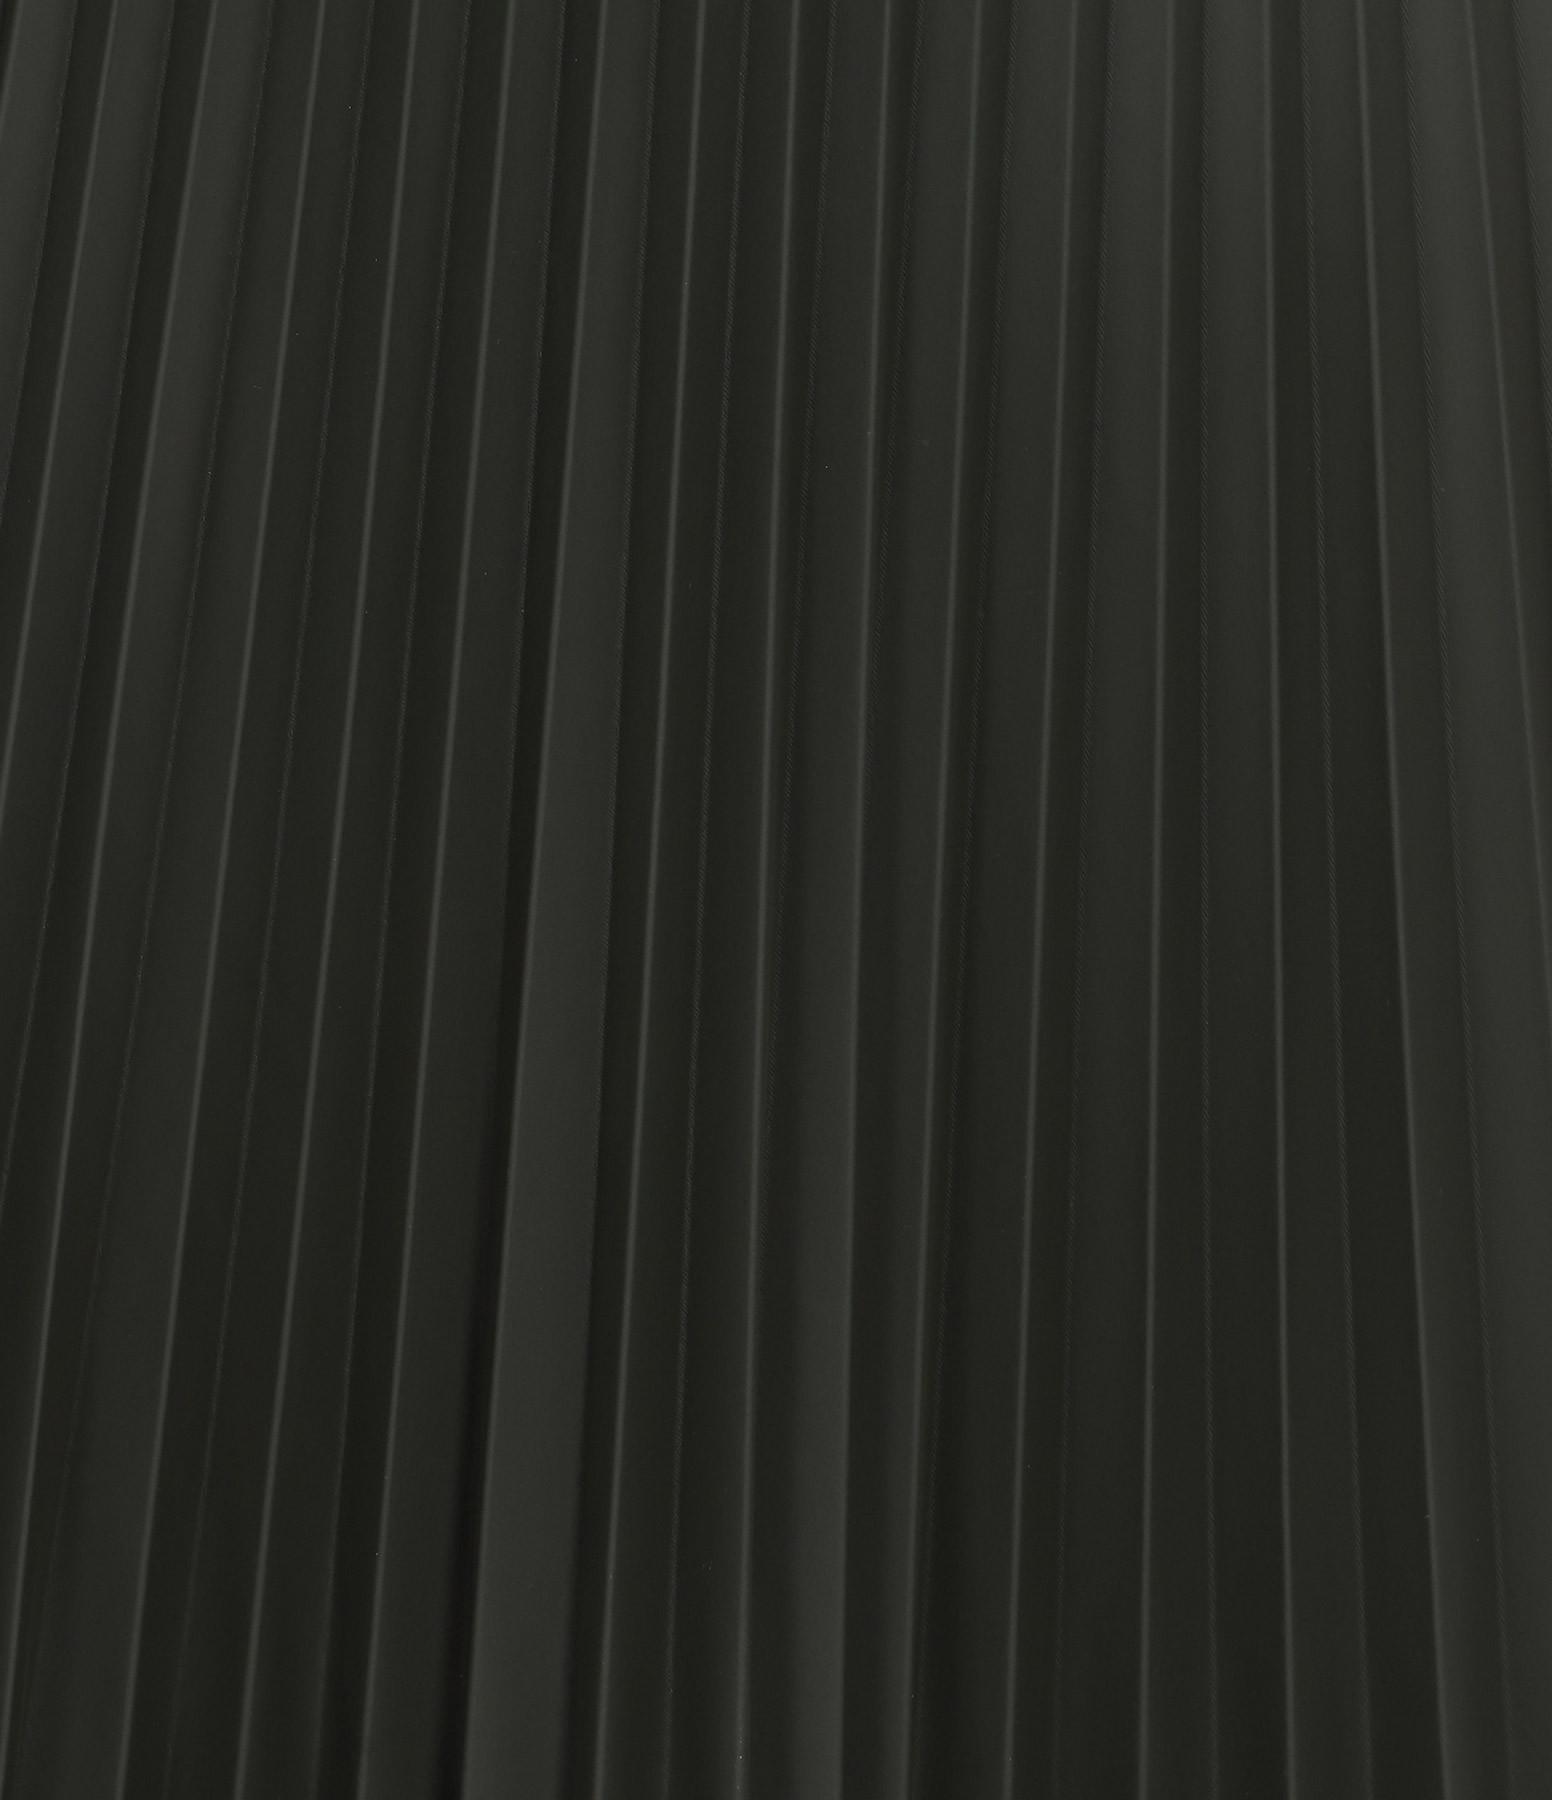 MM6 MAISON MARGIELA - Jupe Plissée Vert Foncé